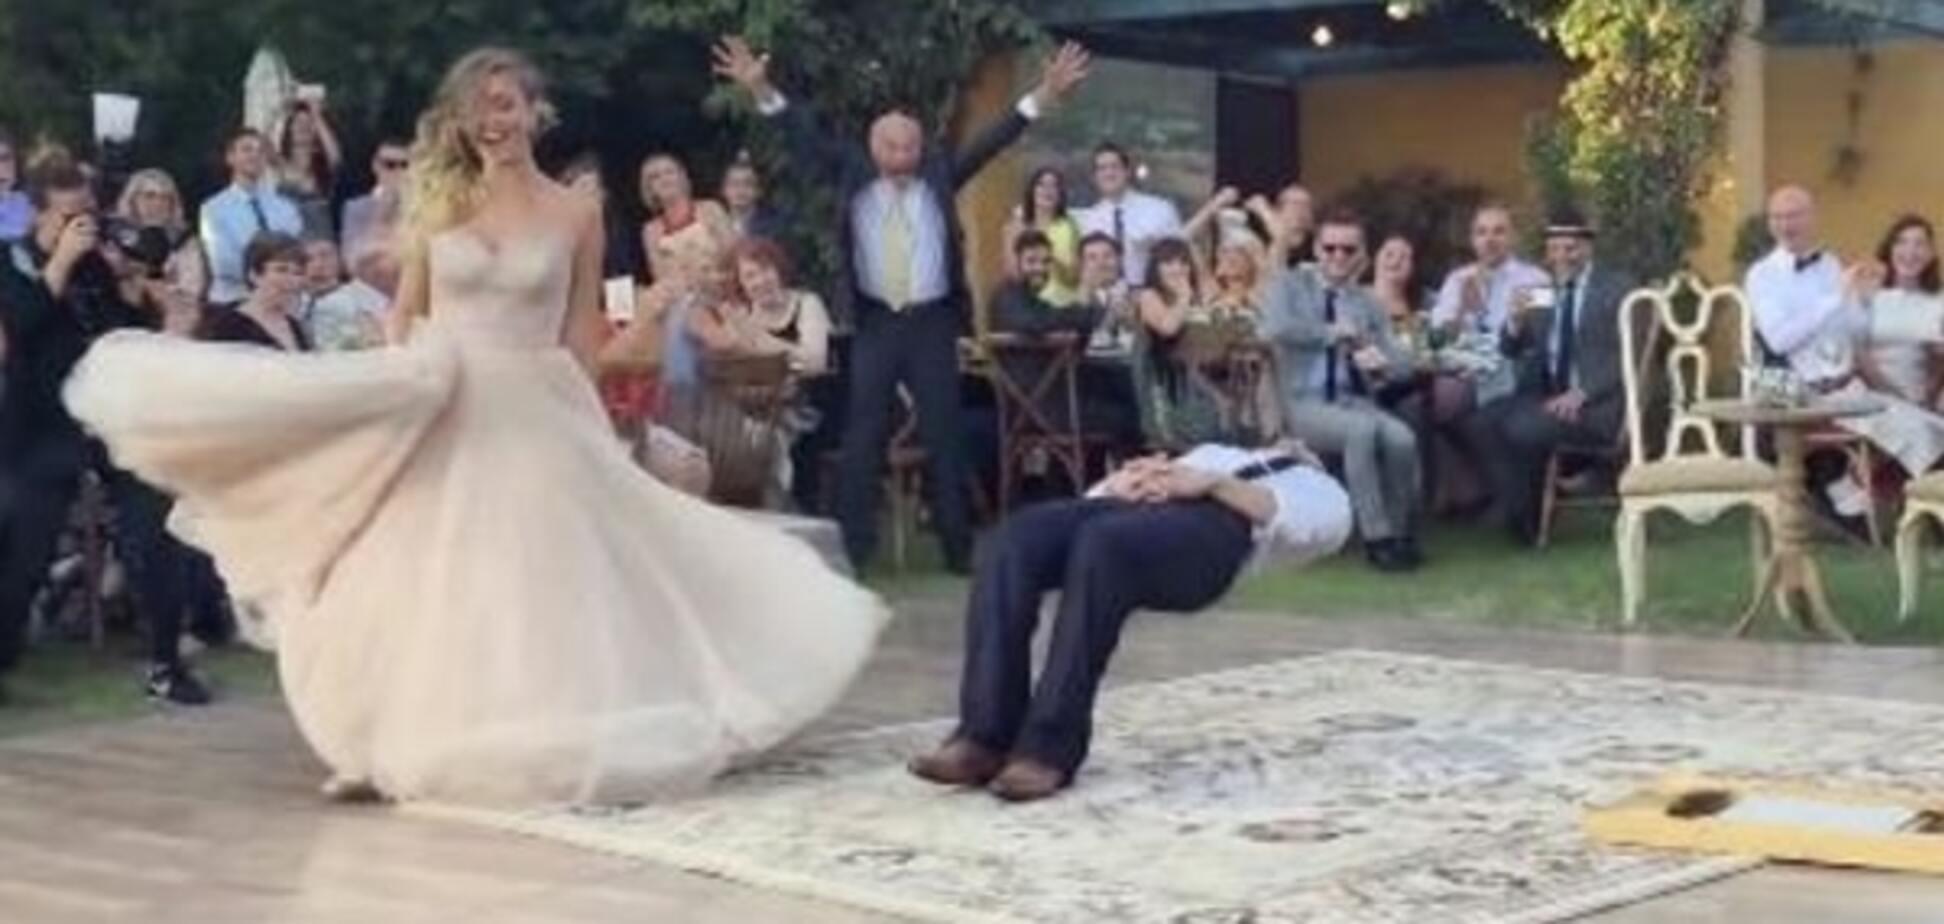 Чудеса левітації: магічний весільний танець підірвав мережу. Відеофакт